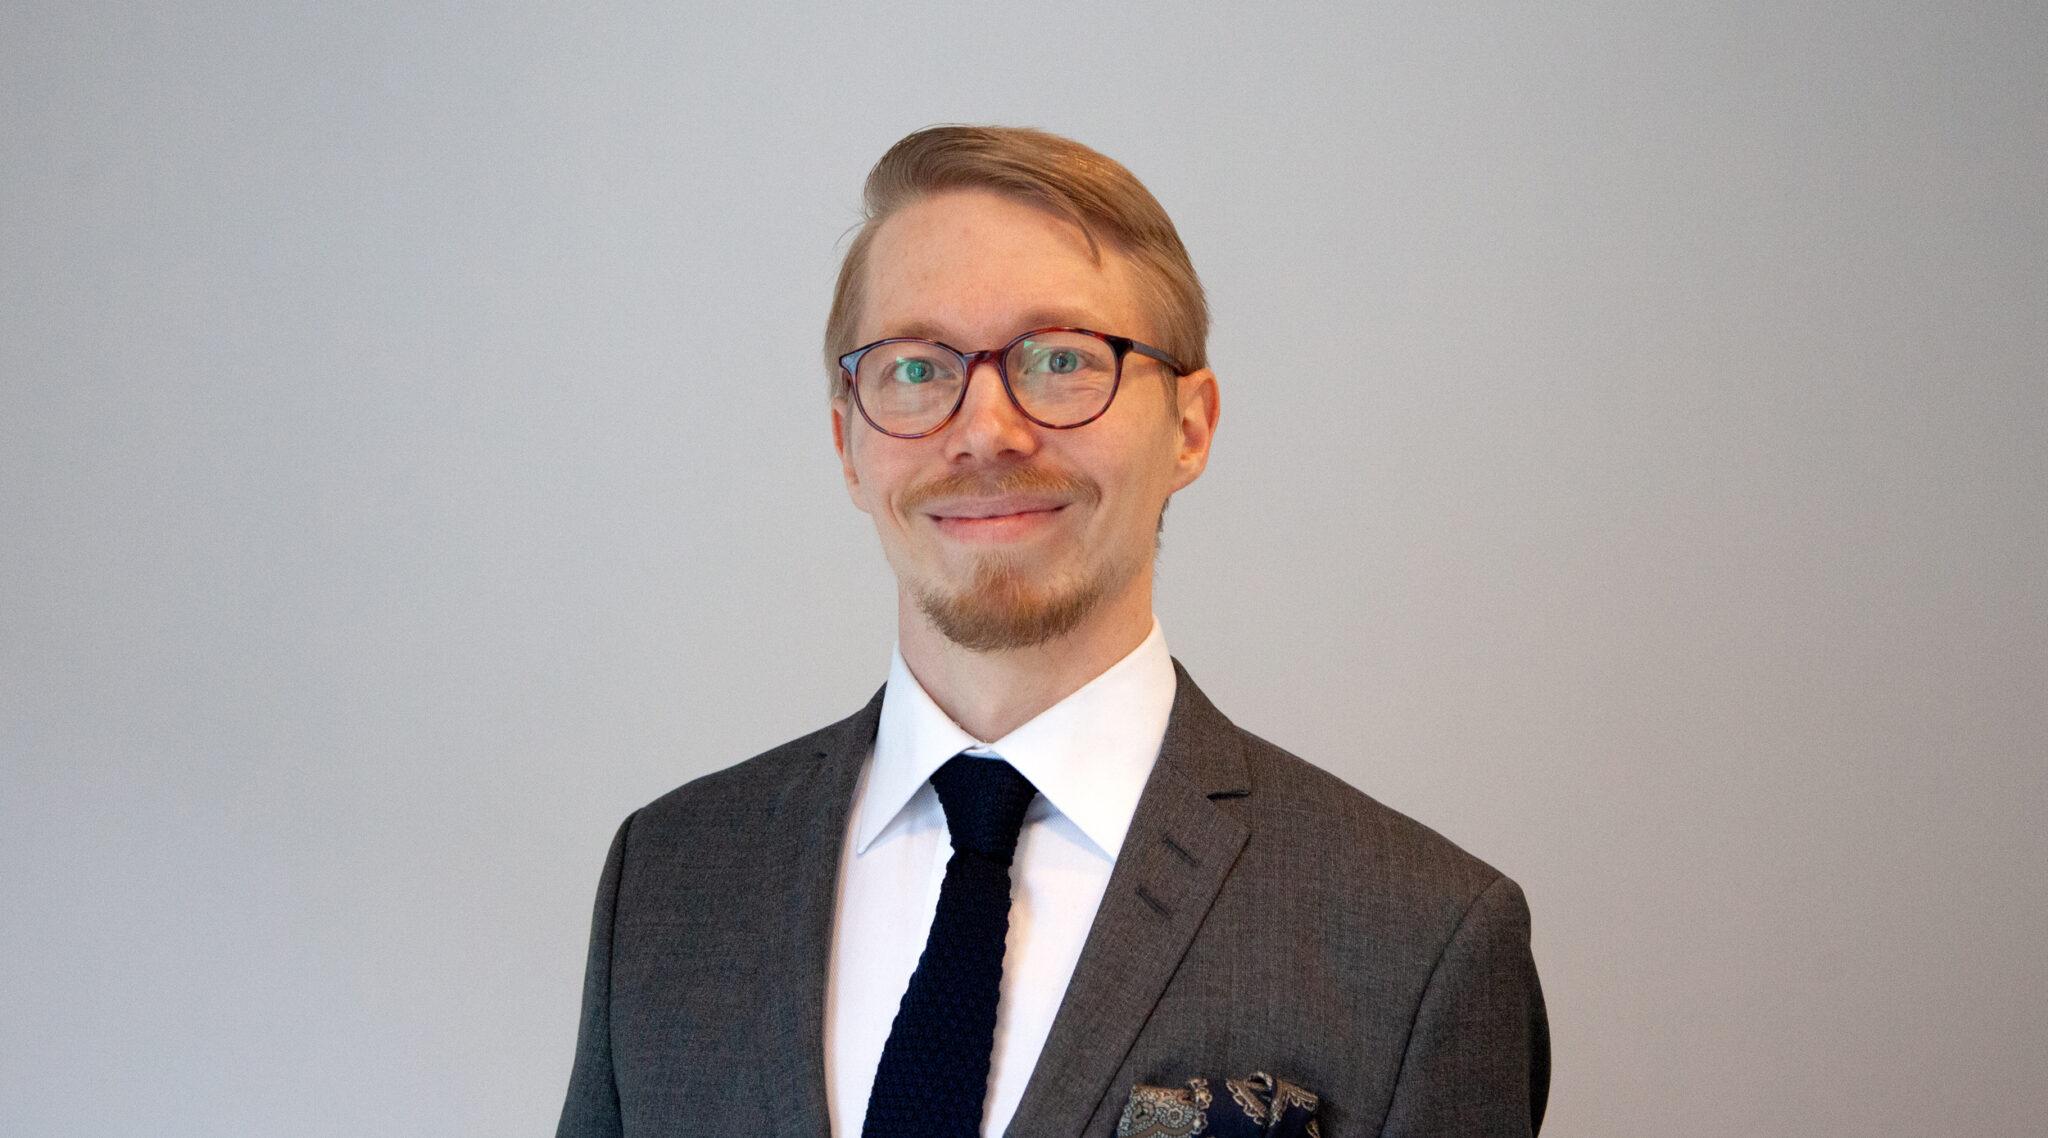 Photo of Kalle Kinnunen, MuniFin´s Sustainable Manager